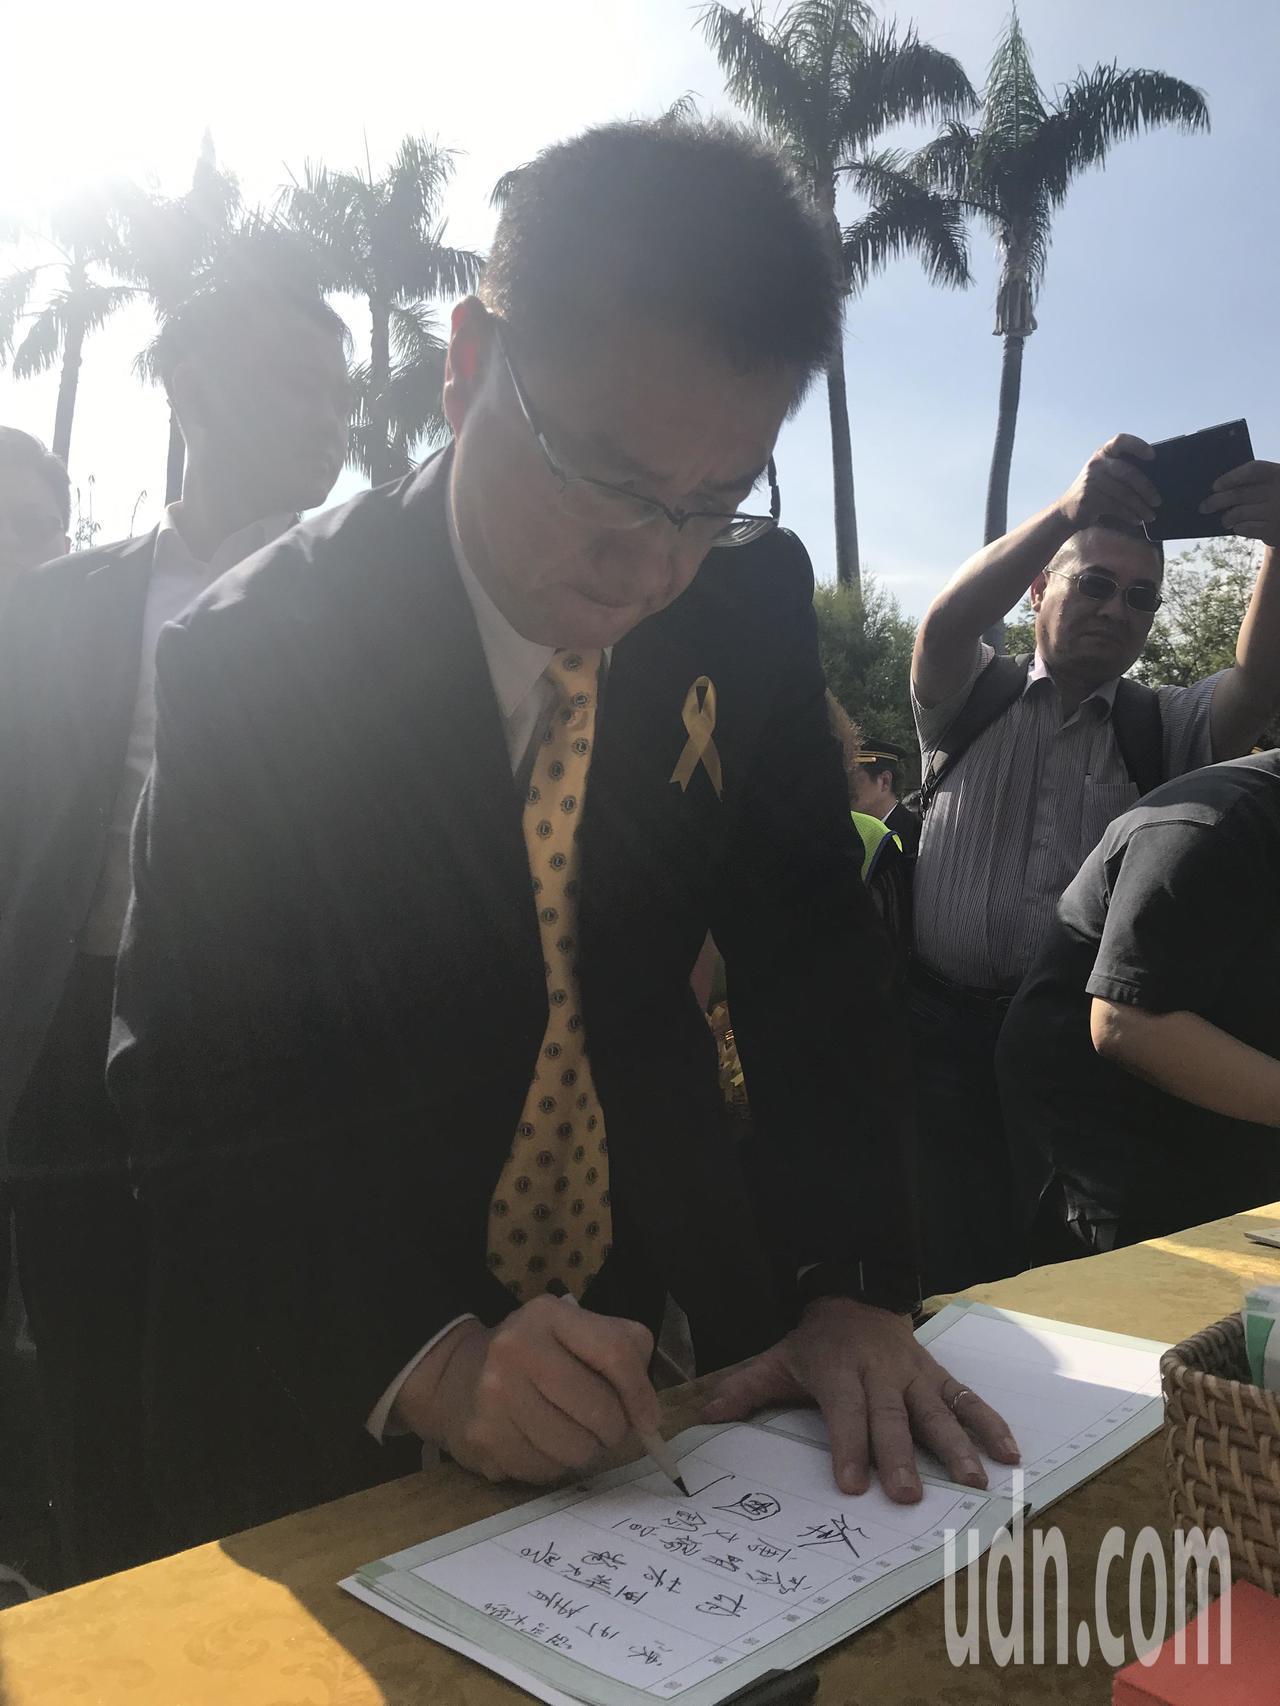 內政部部長徐國勇一早抵達會場,神情哀傷。記者林佩均/攝影